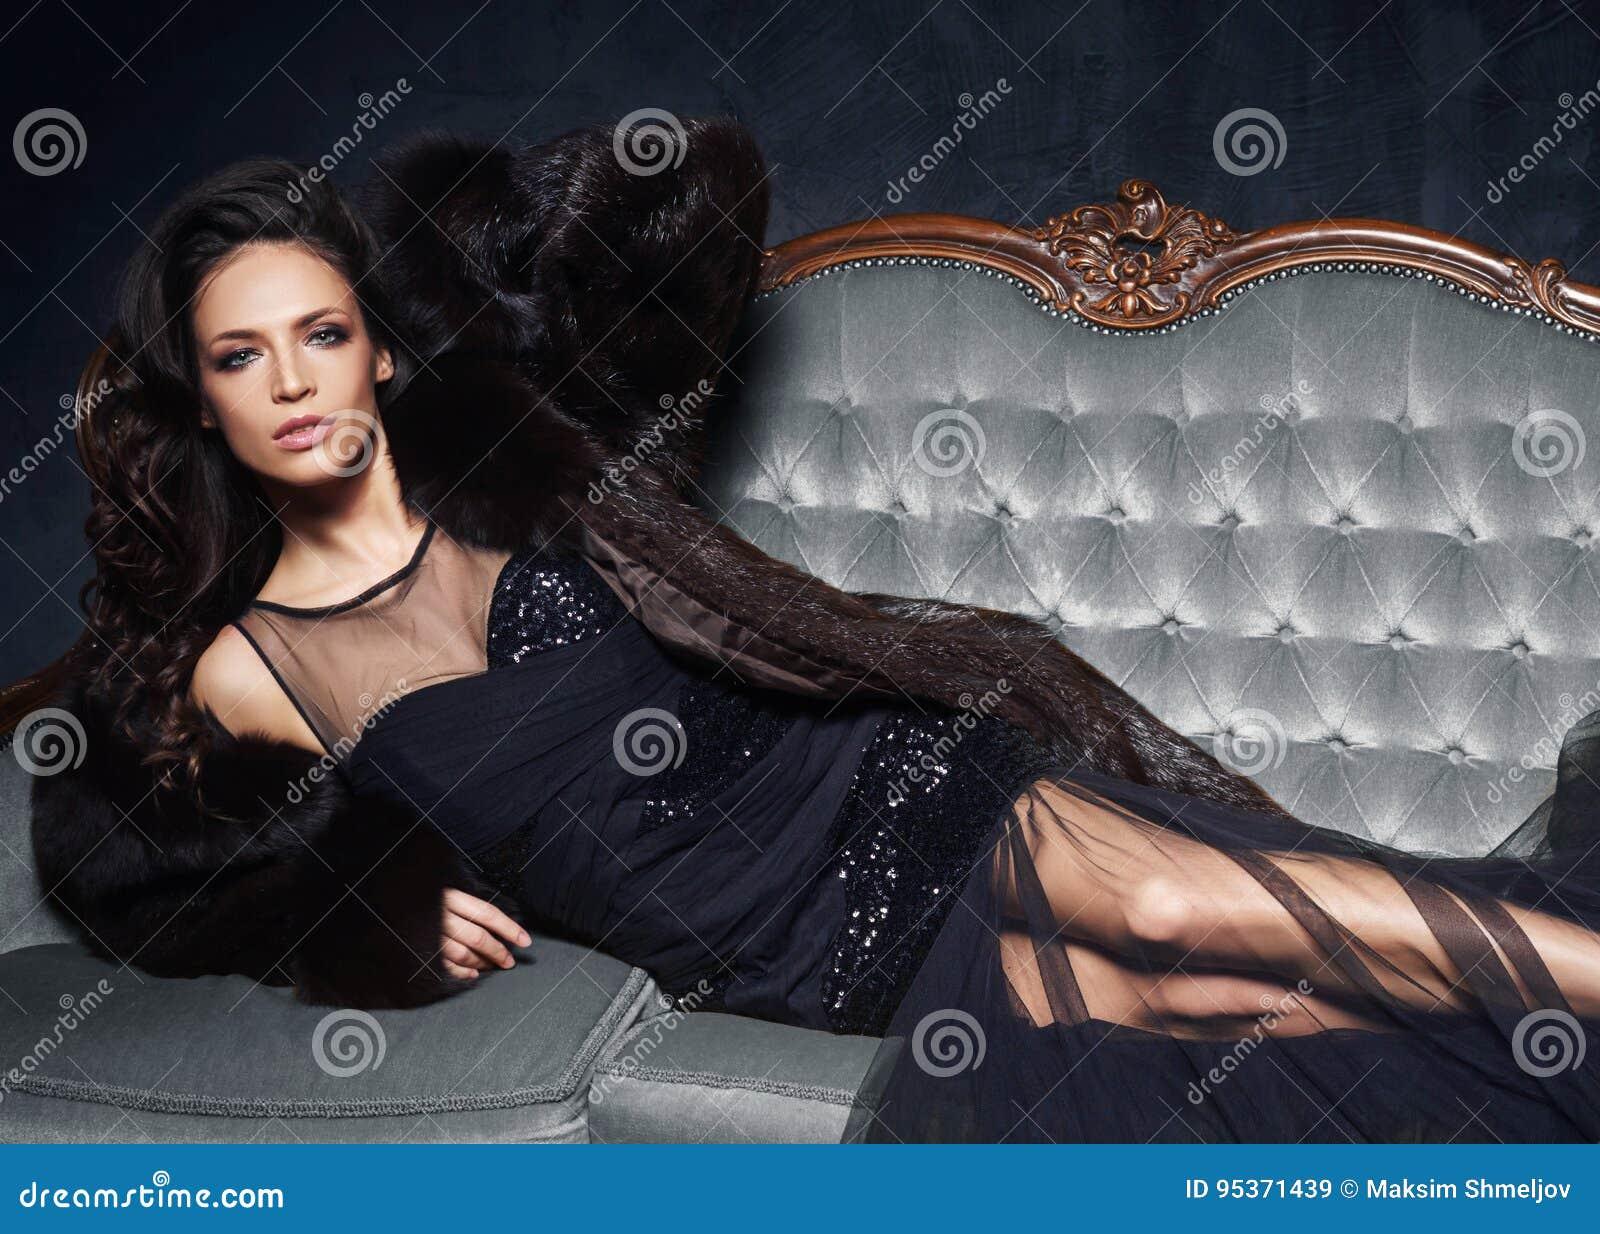 Vi una mujer vestida de negro